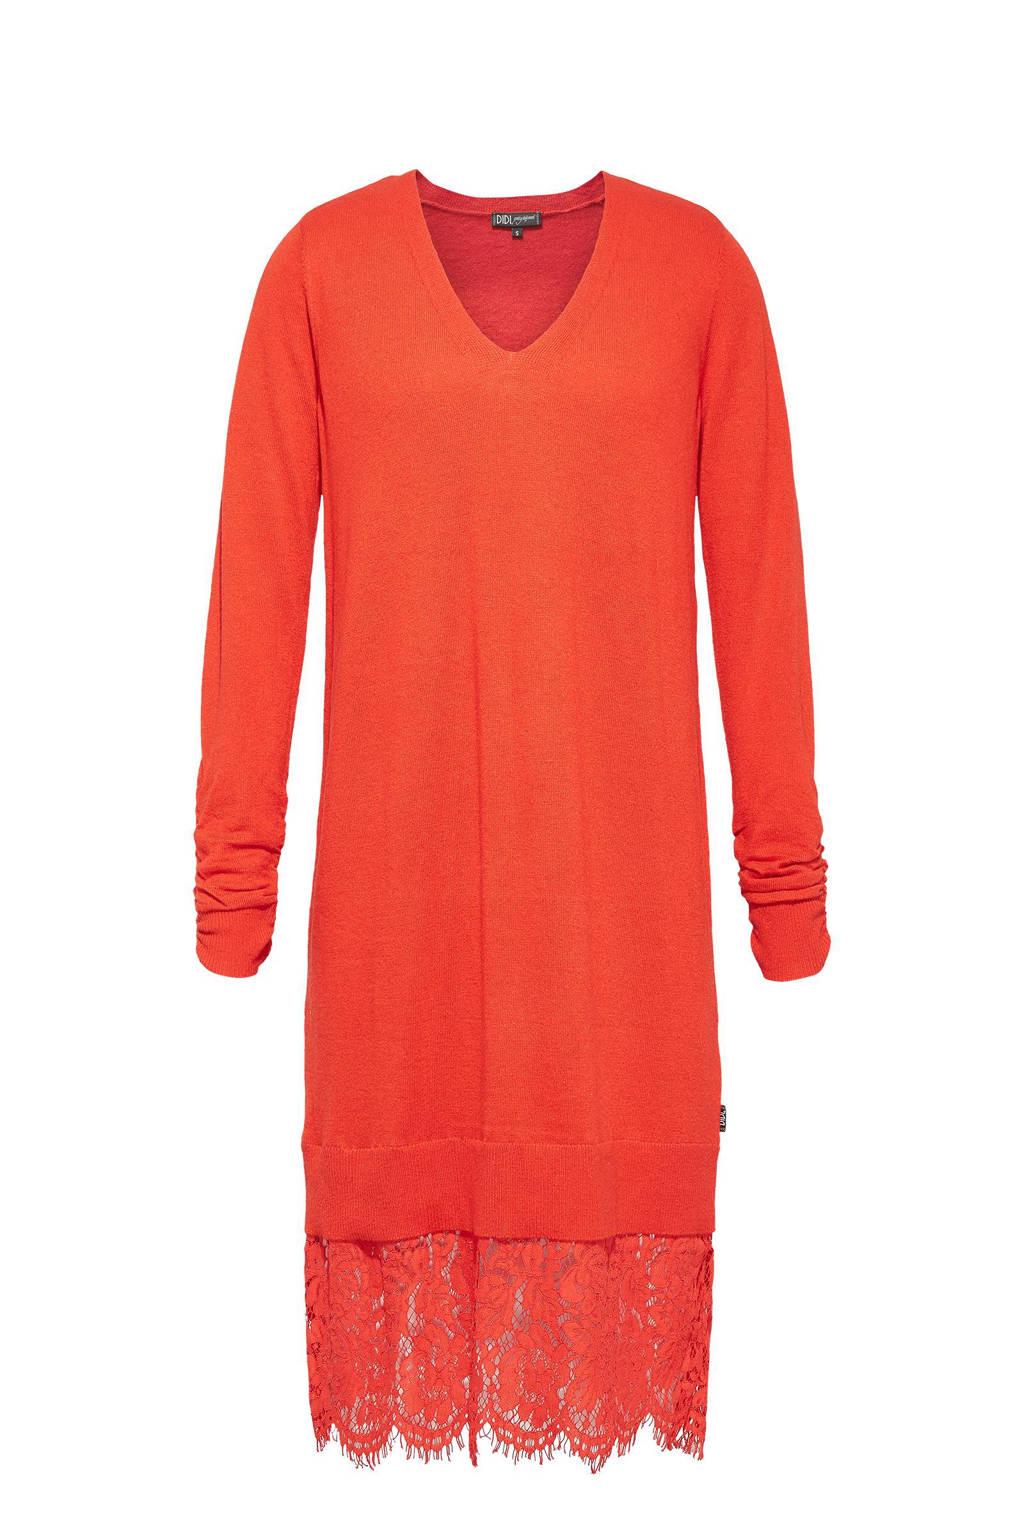 Didi jurk met wol, Rood